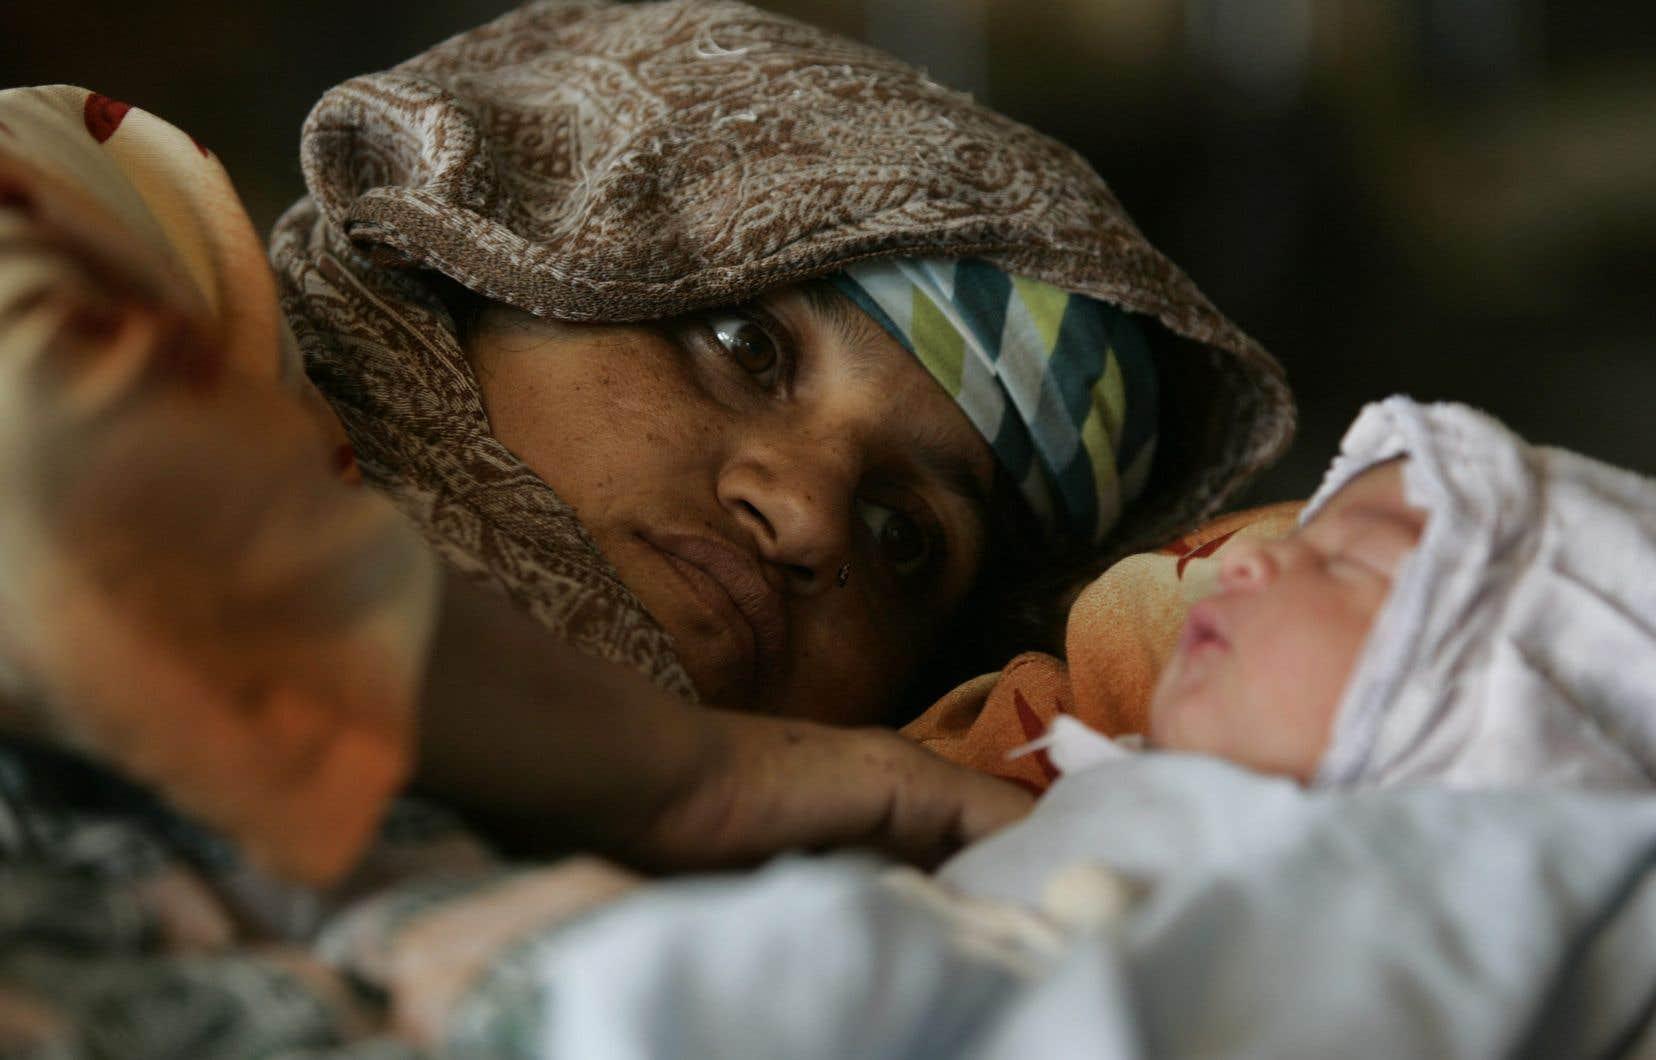 Pays pauvres : toujours une forte mortalité néonatale